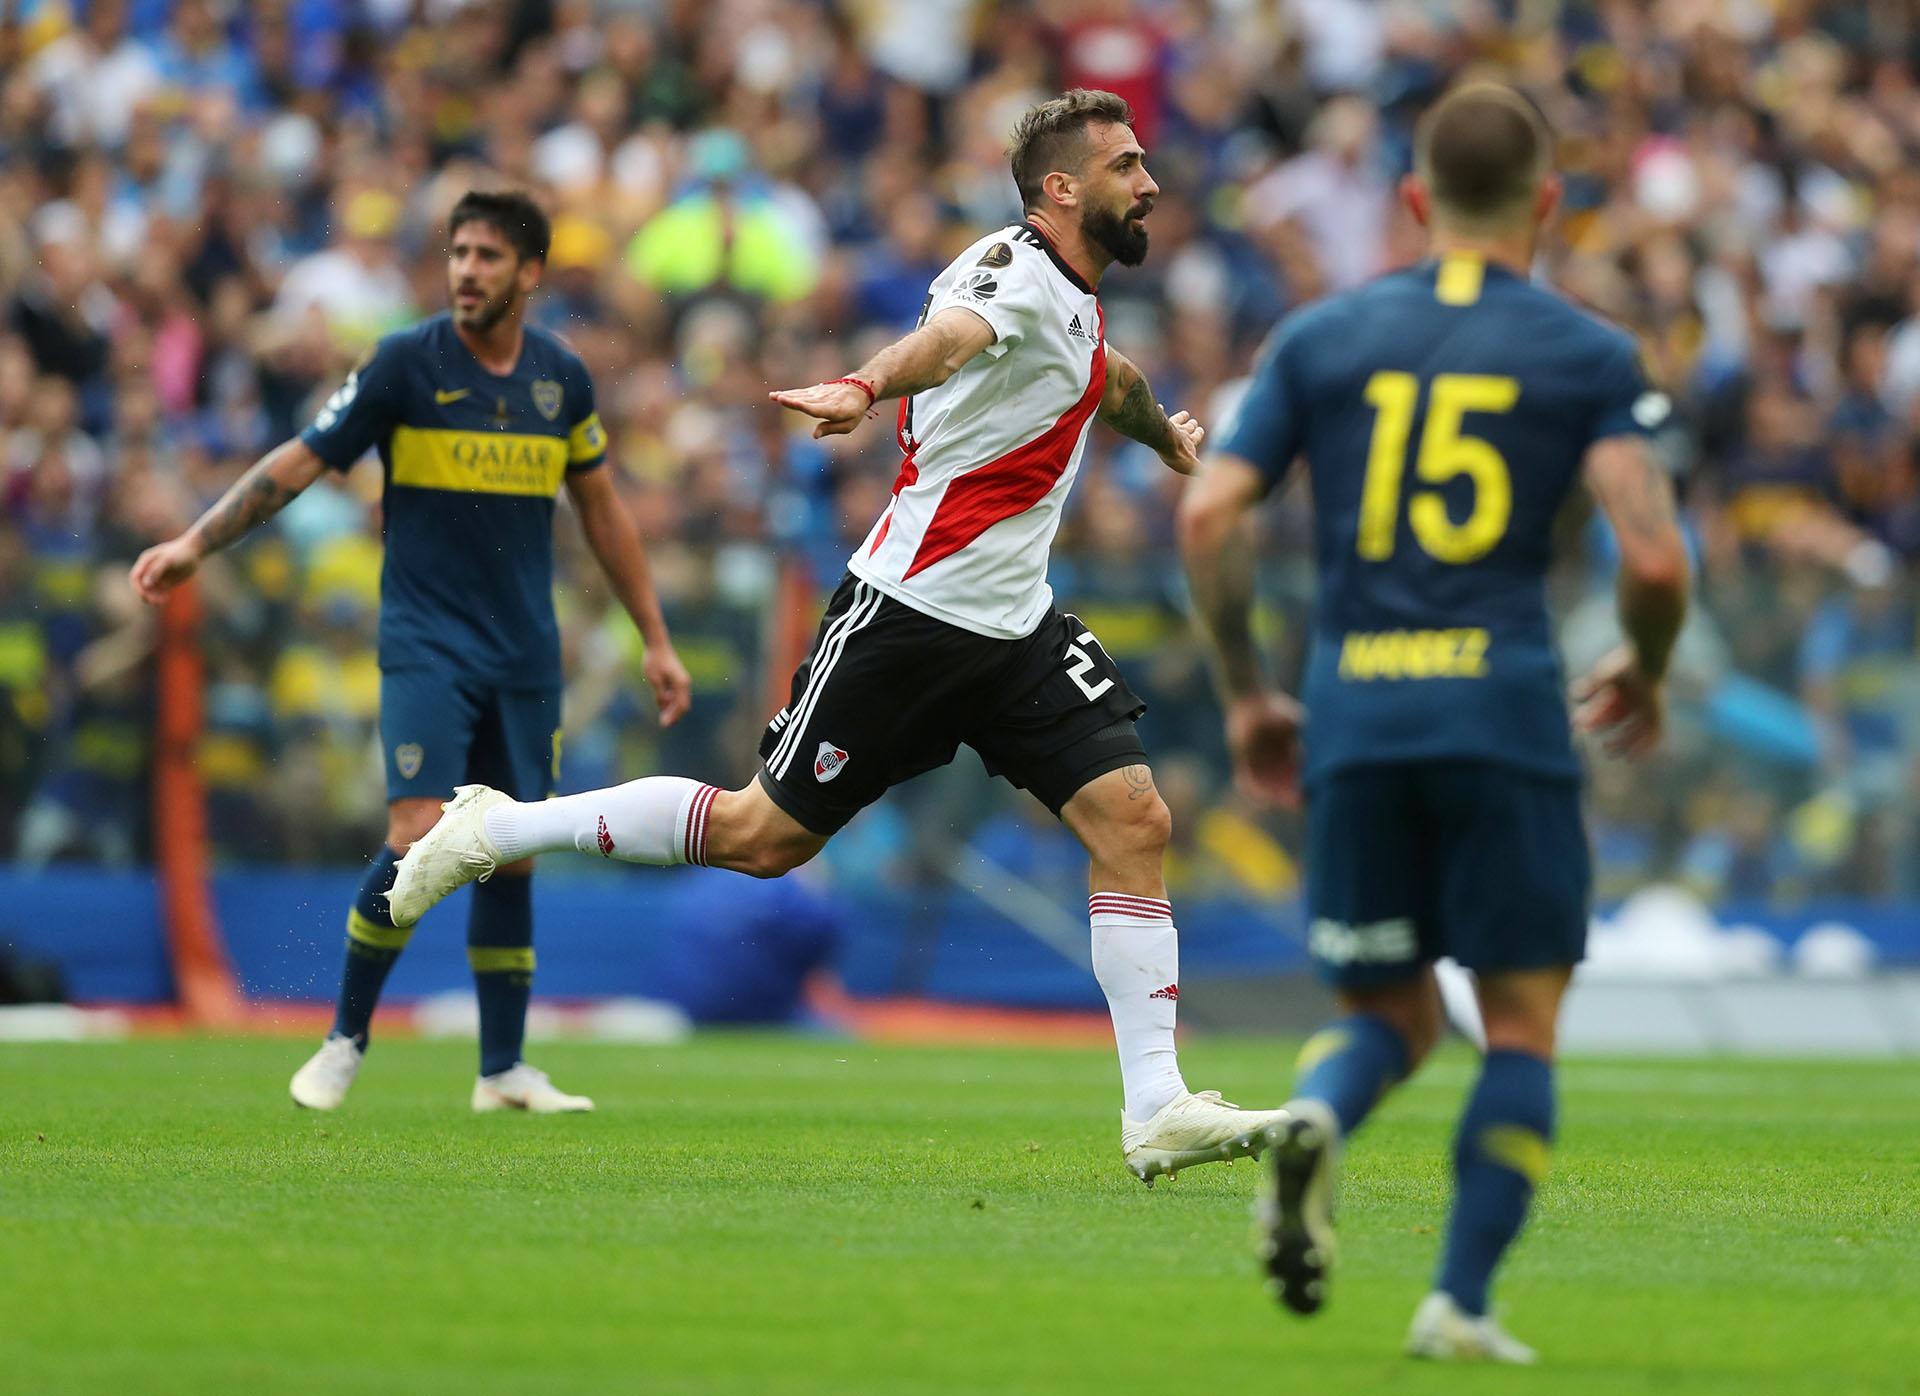 El delantero se llevó la marca de Carlos Izquierdoz y definió mano a mano con Agustín Rossi